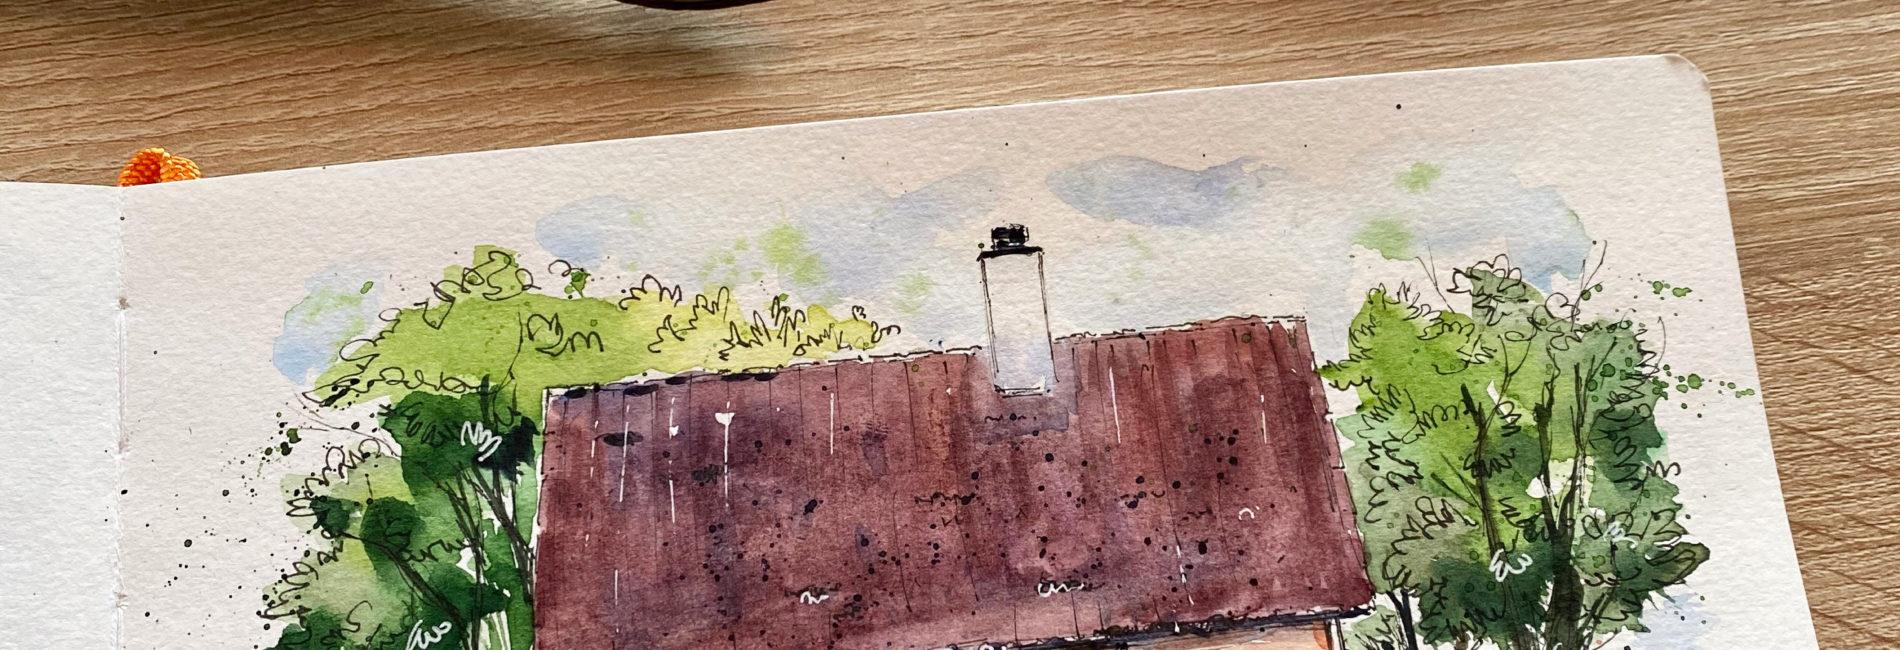 Jæren, Norway – watercolor tutorial